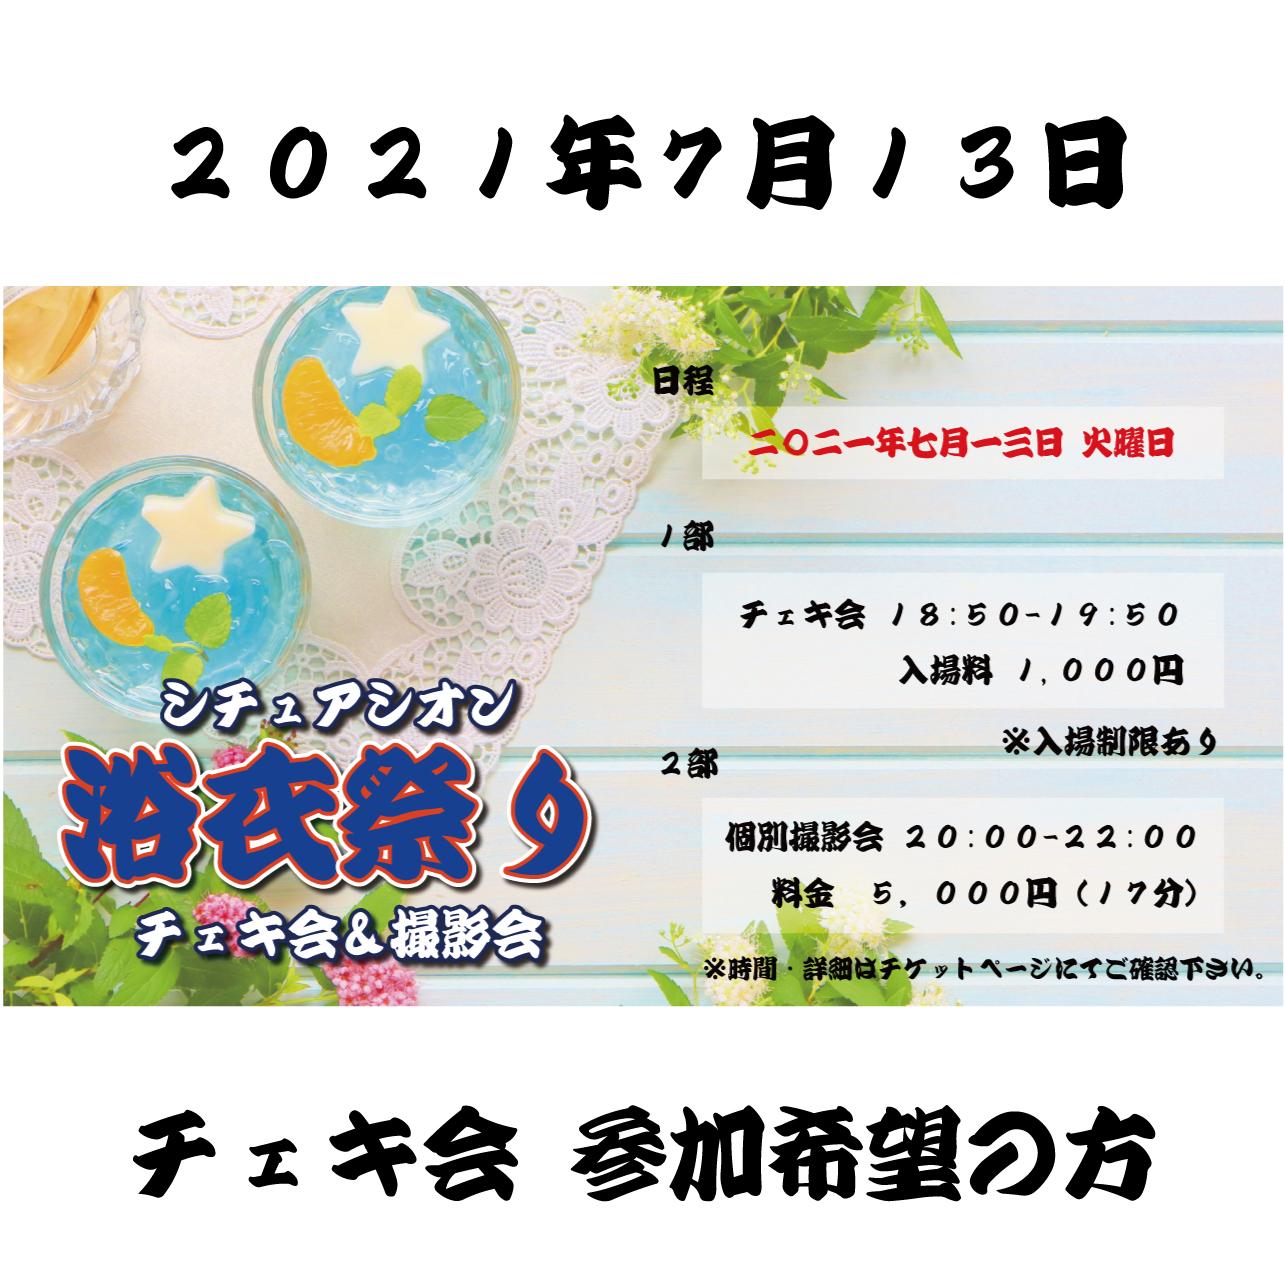 【シチュアシオン浴衣祭り】チェキ会参加チケット